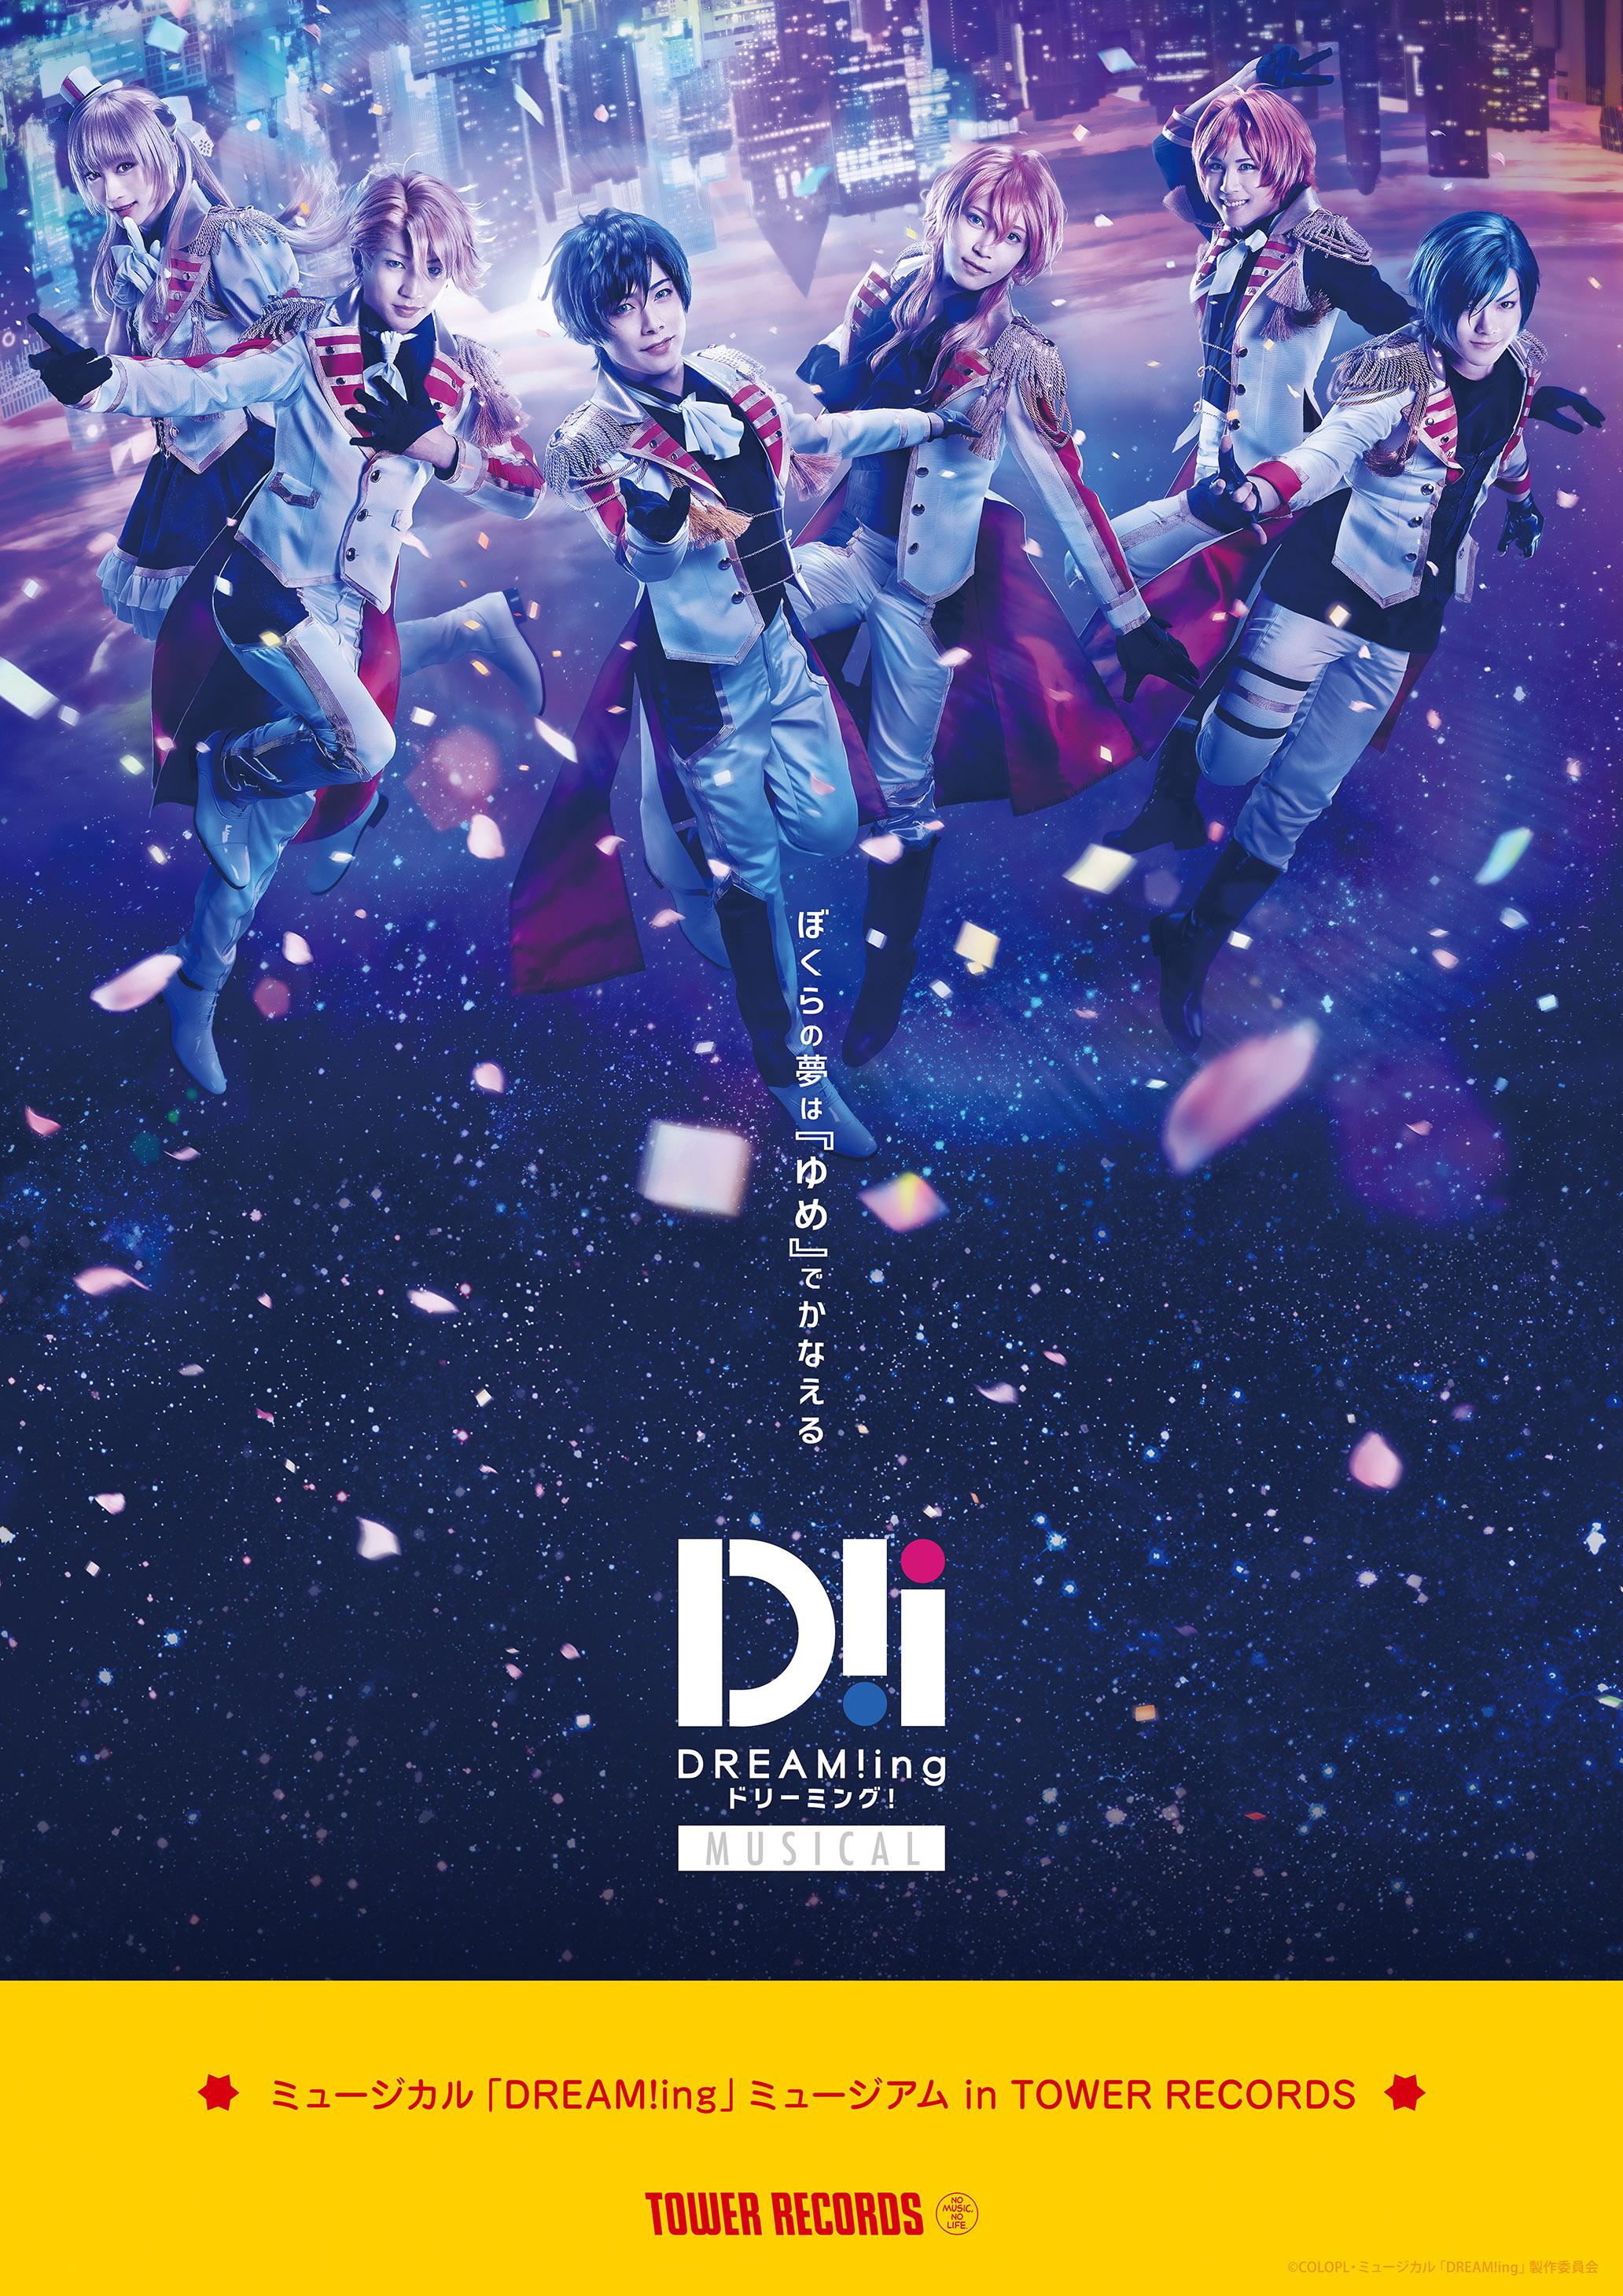 ミュージカルCD制作決定! さらに! ミュージカル「DREAM!ing」×タワーレコード渋谷店 コラボミュージアムの開催が決定!